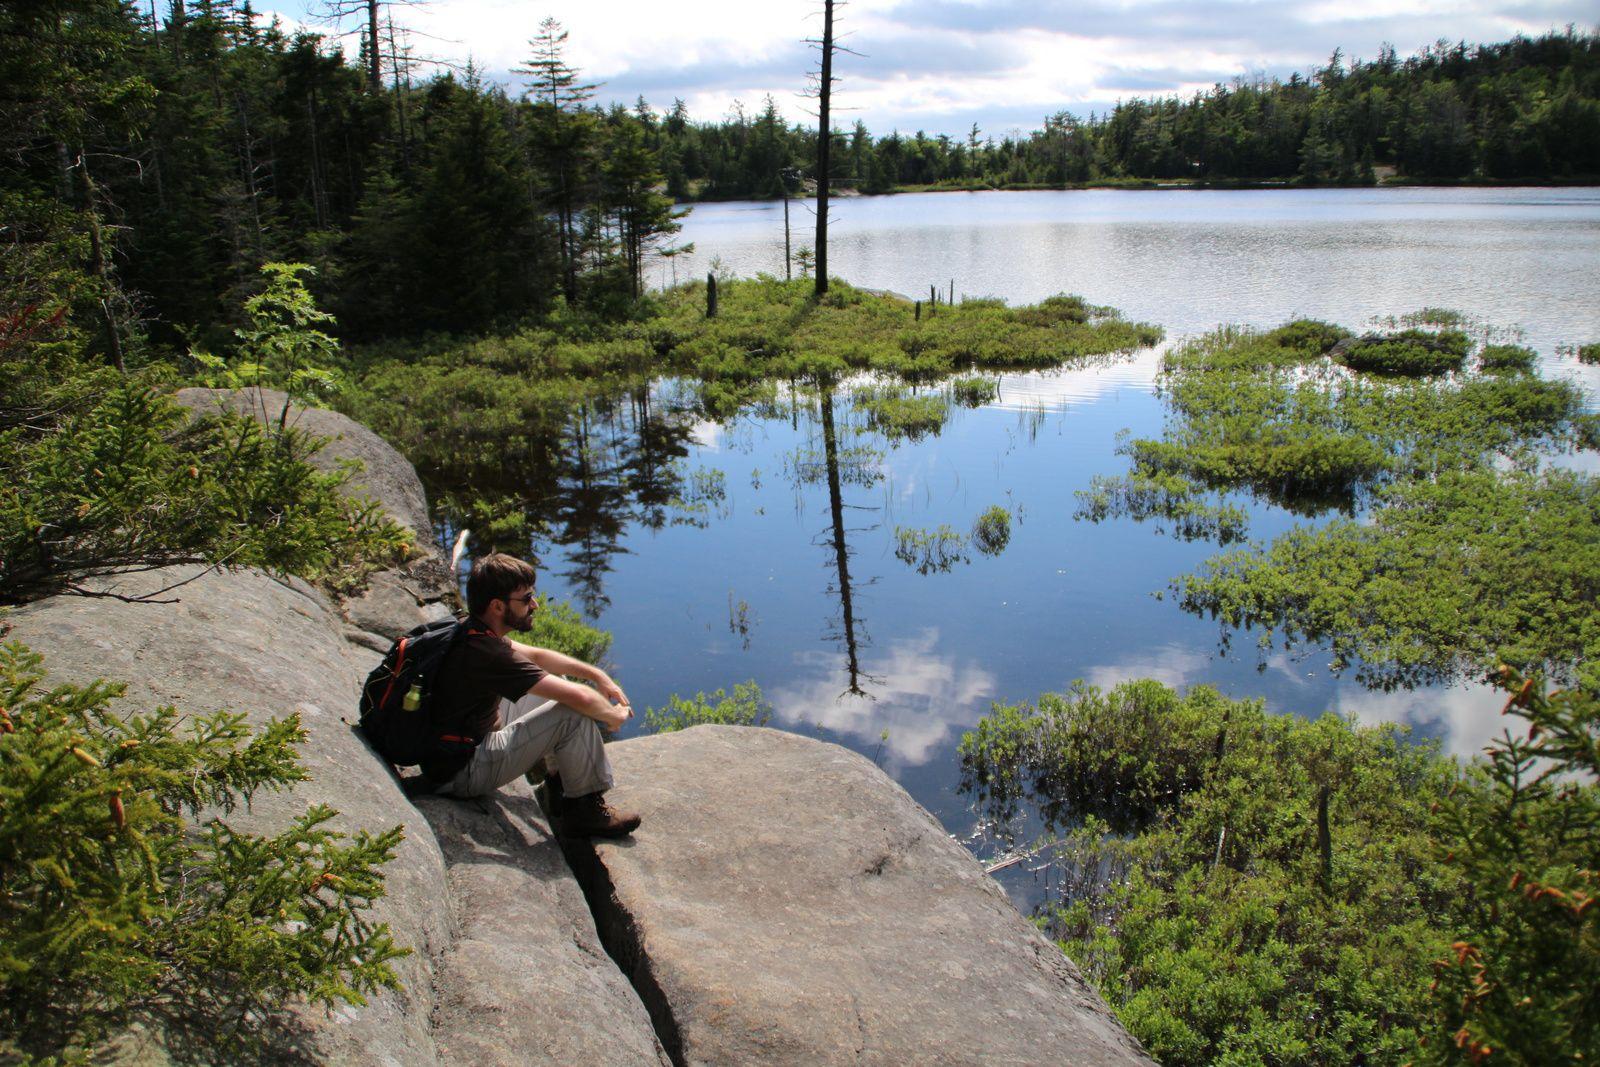 le petit lac vaut le détour